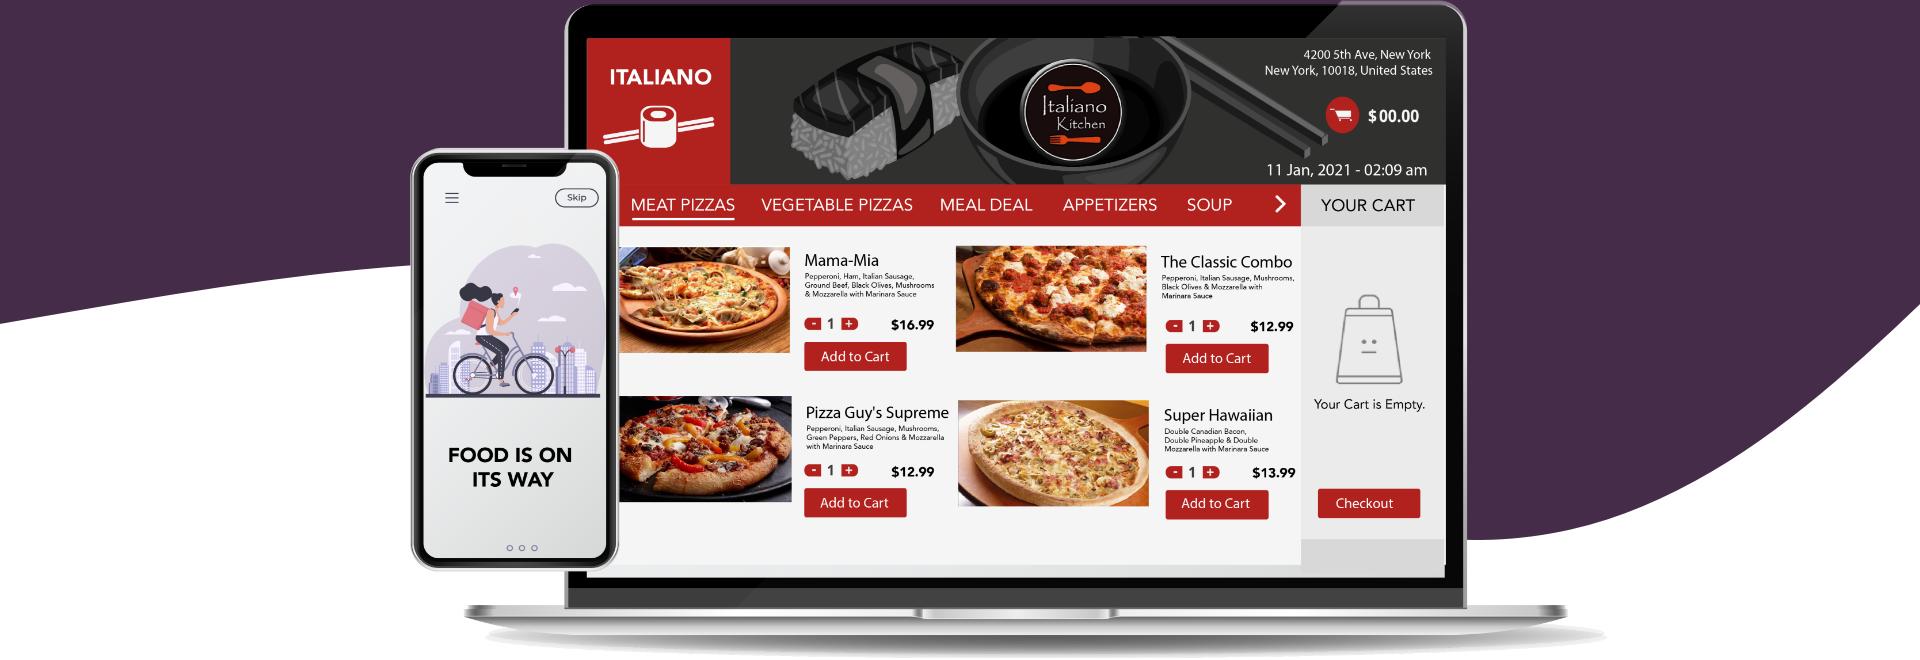 Online Food Order Website